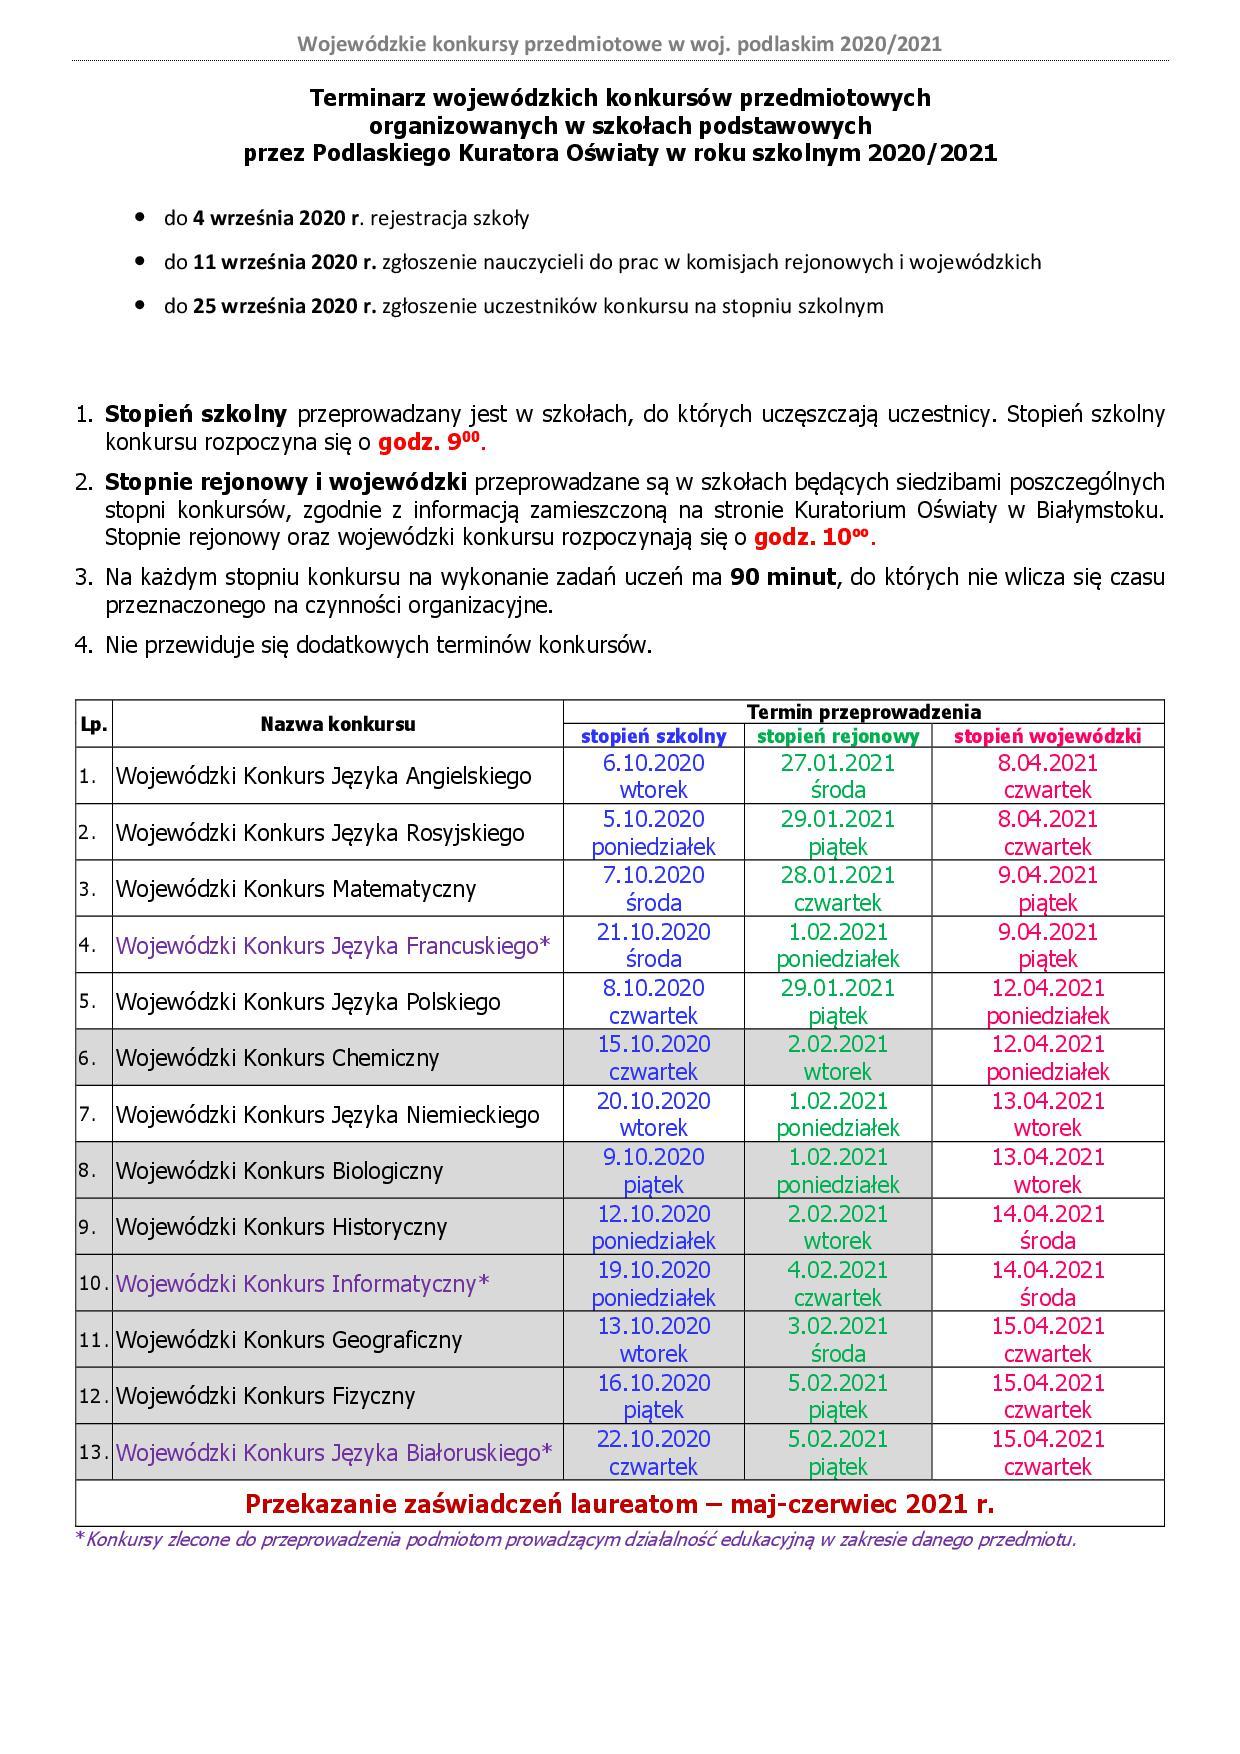 Terminarz 2020-2021 zmiana wersja III